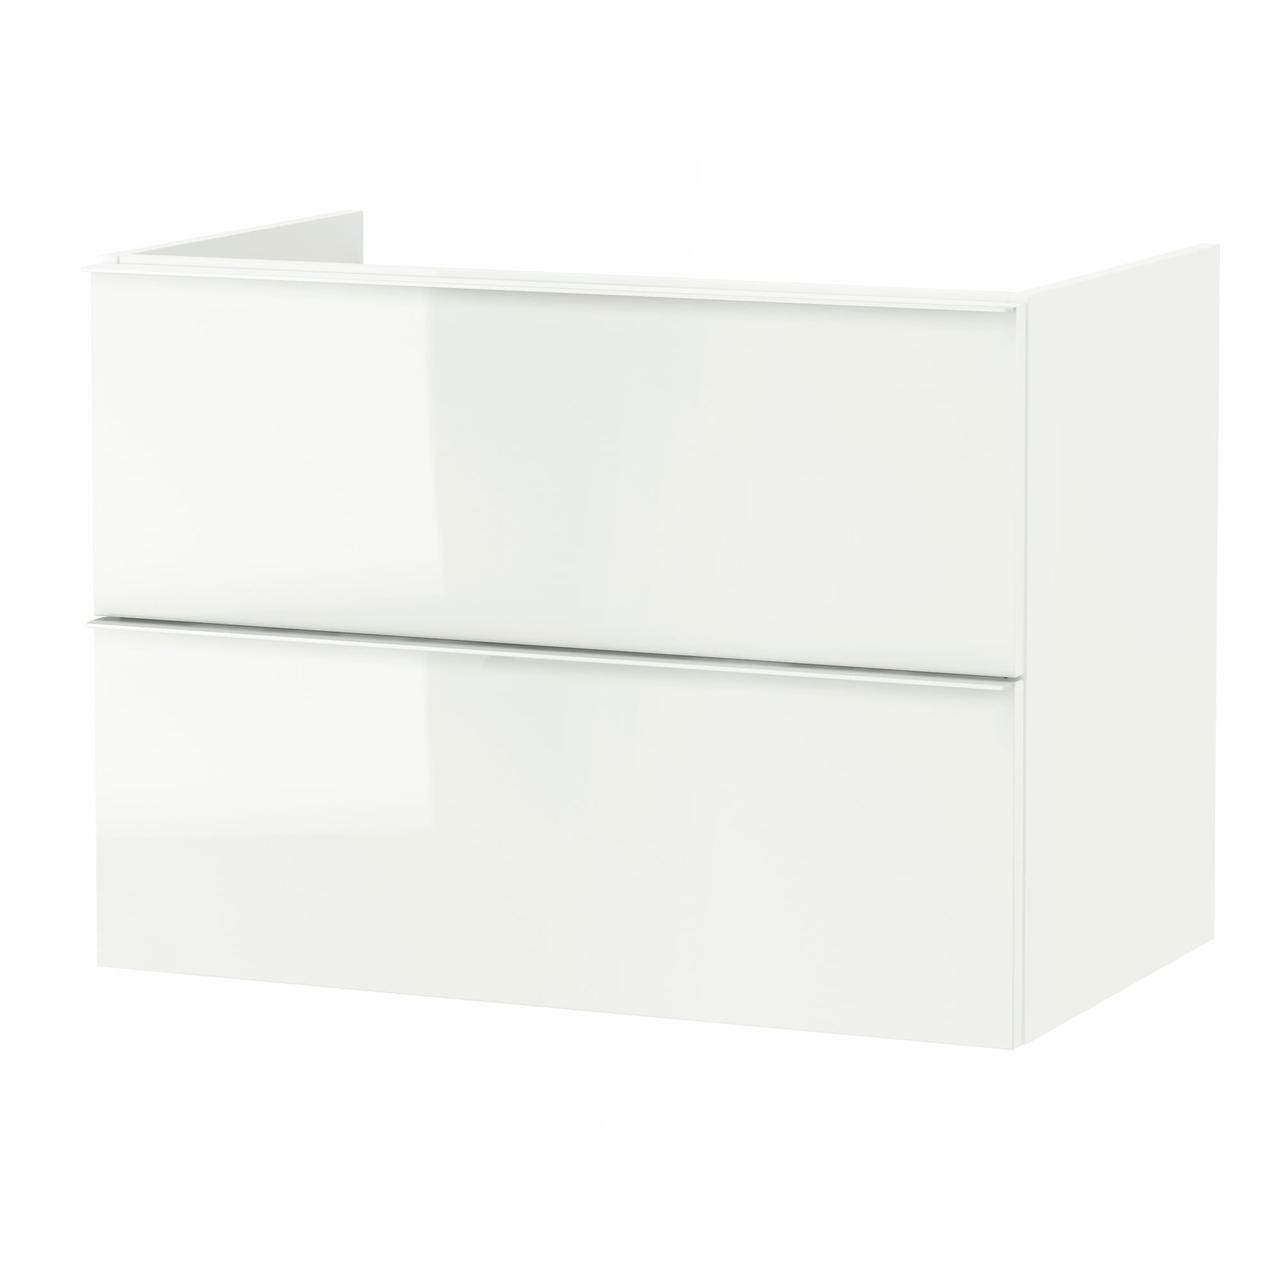 IKEA GODMORGON Шафа під умивальник, глянцевий білий (301.809.95)